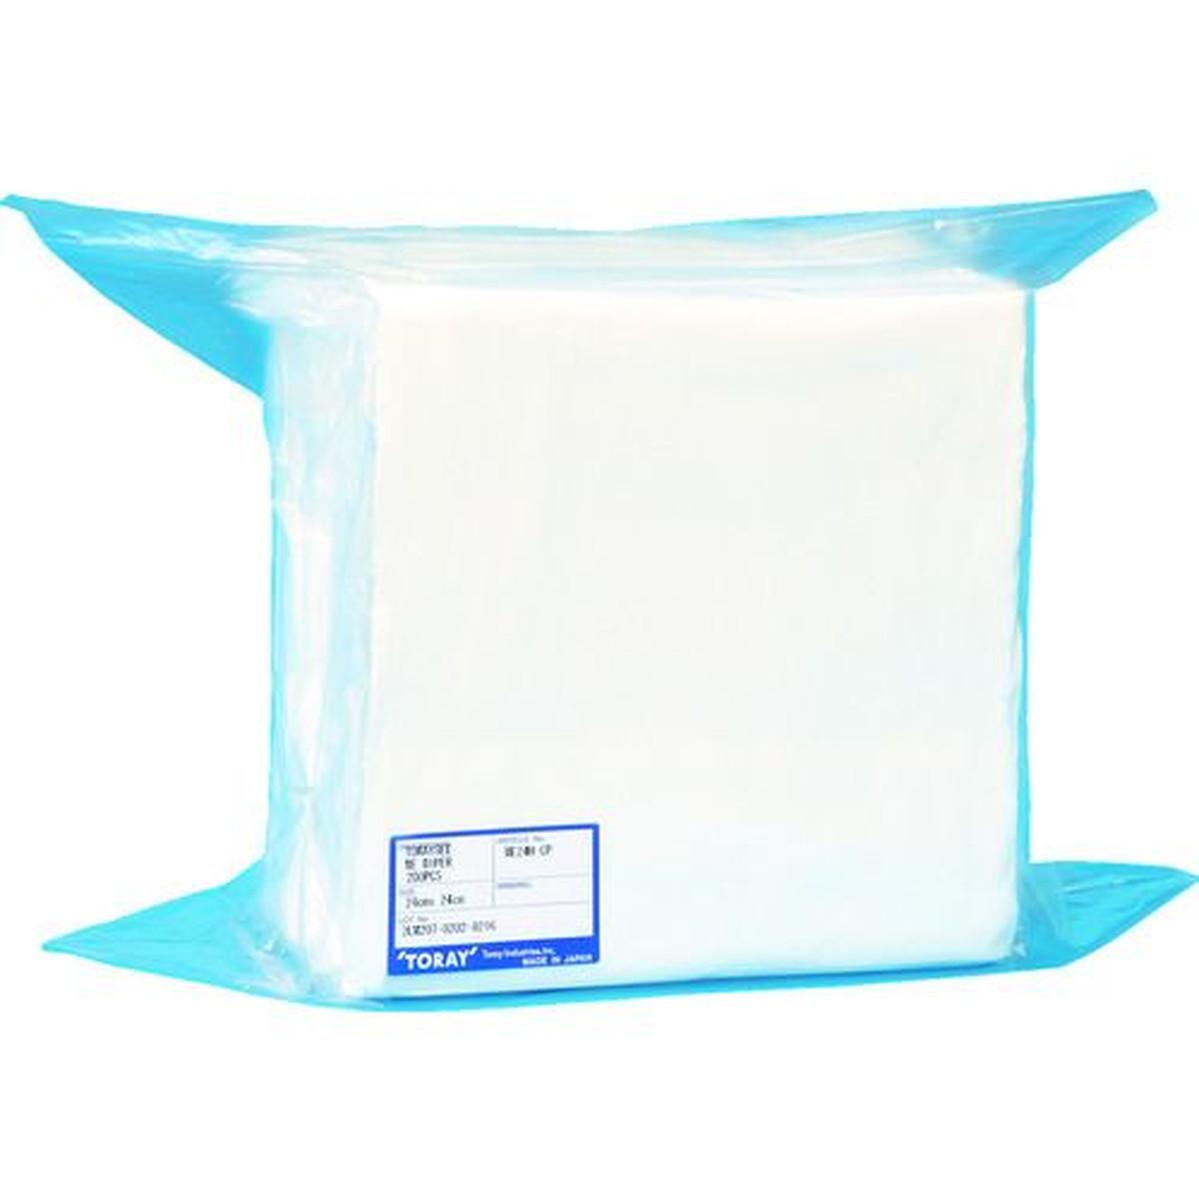 【美品】 トレシー MEワイパー フラットパック 14.5×14.5cm 14.5×14.5cm トレシー (200枚入) フラットパック 1袋, 大喜賑(おおきに):82f277f5 --- promotime.lt